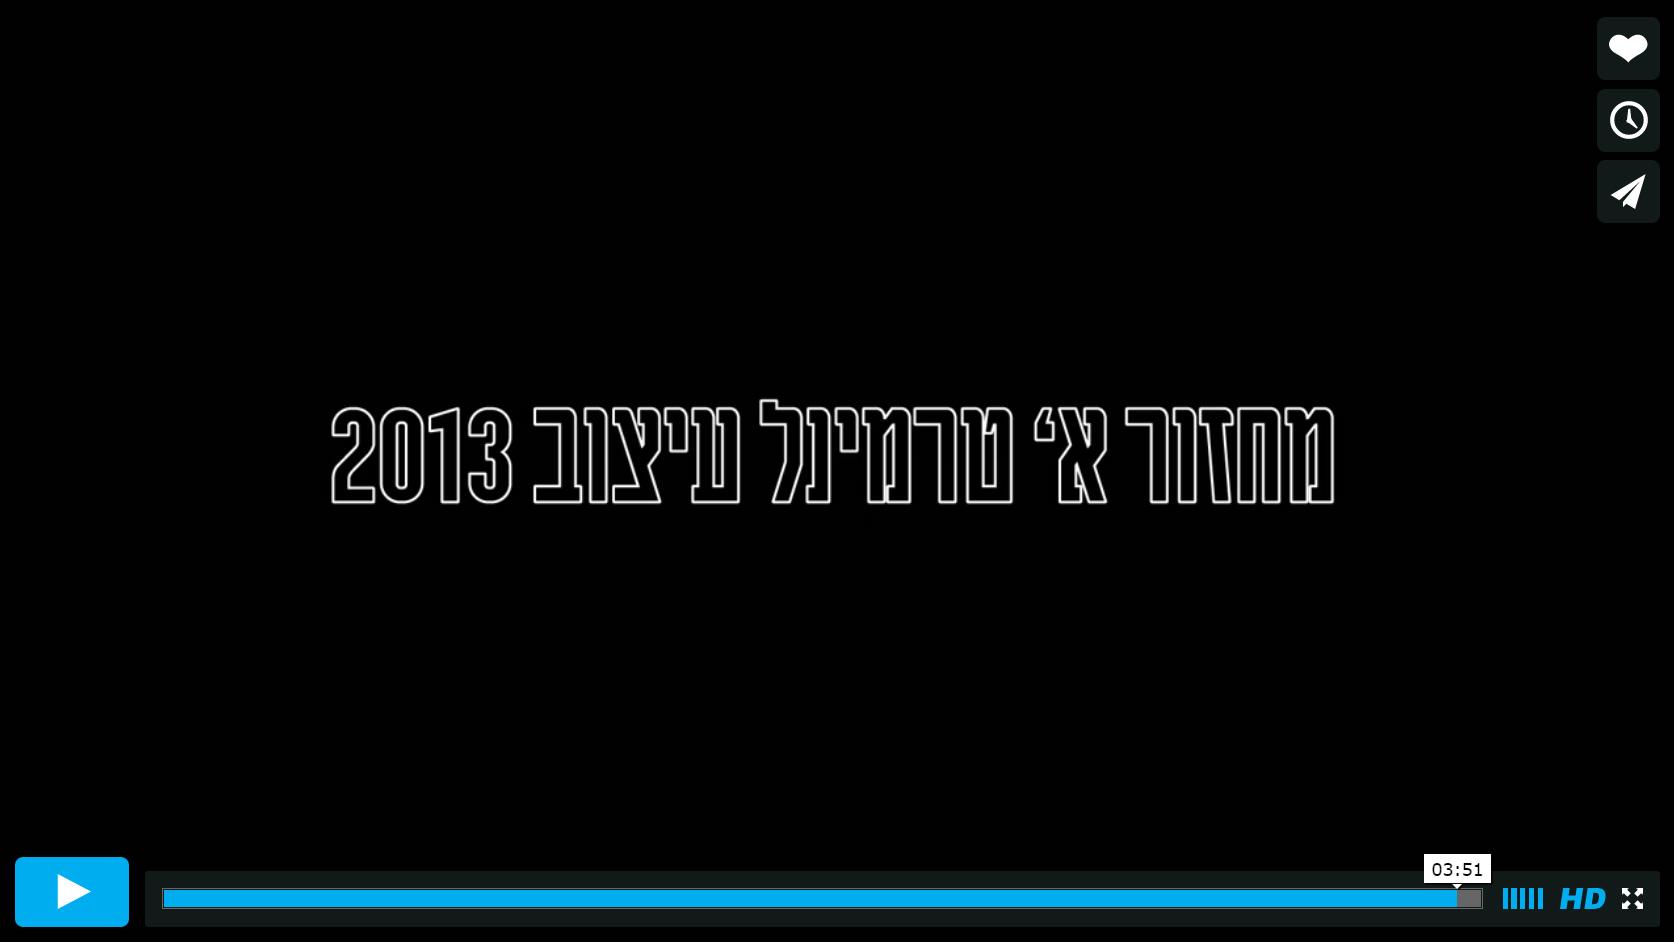 מחזור א' טרמינל עיצוב 2013. מסרטון התודה של בוגרי הטרמינל